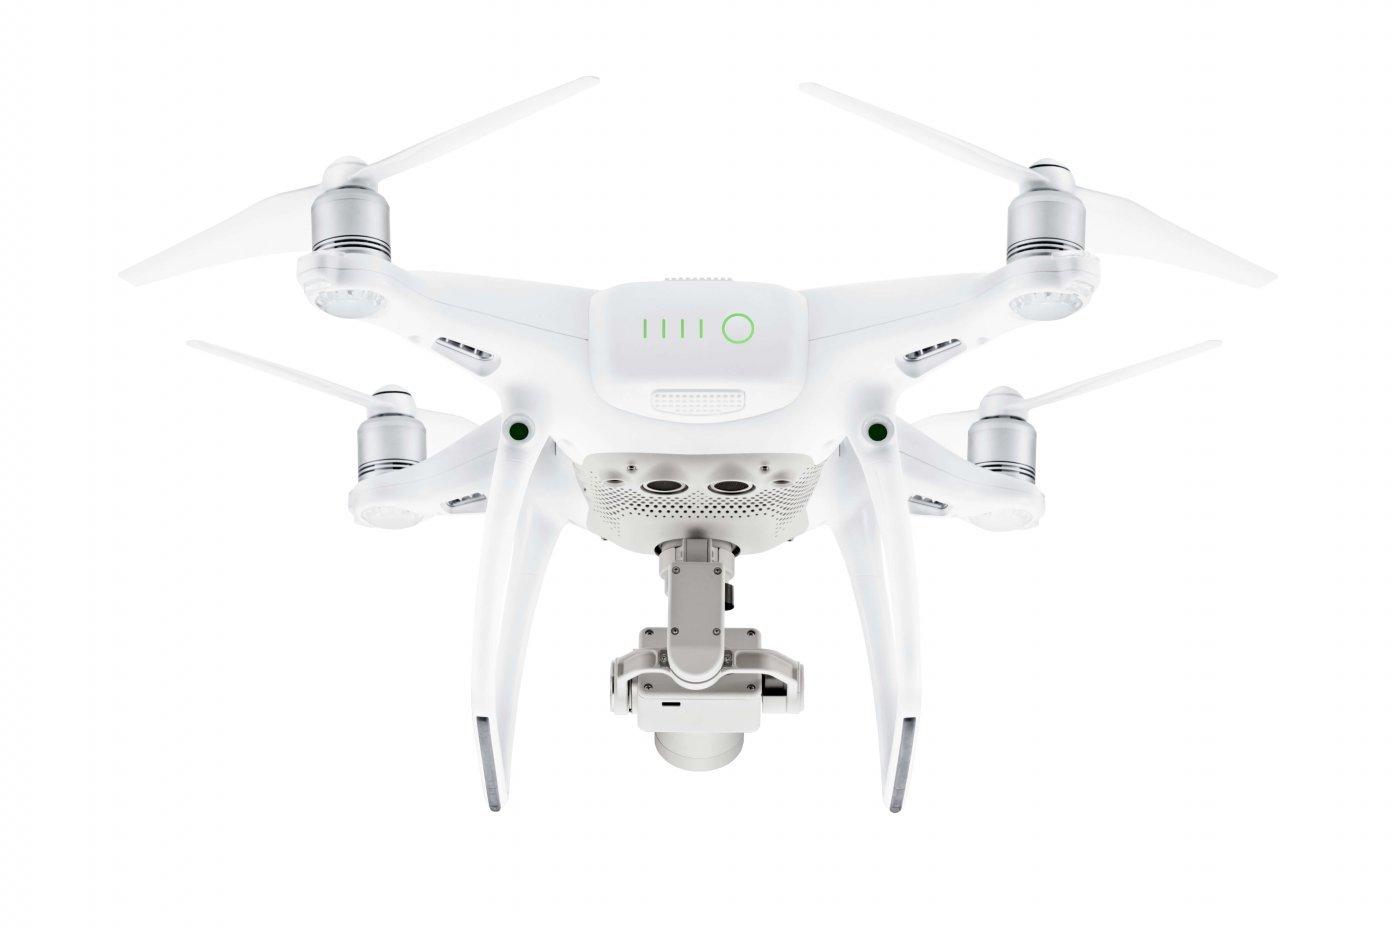 Thường xuyên tiến hành kiểm tra các flycam của bạn